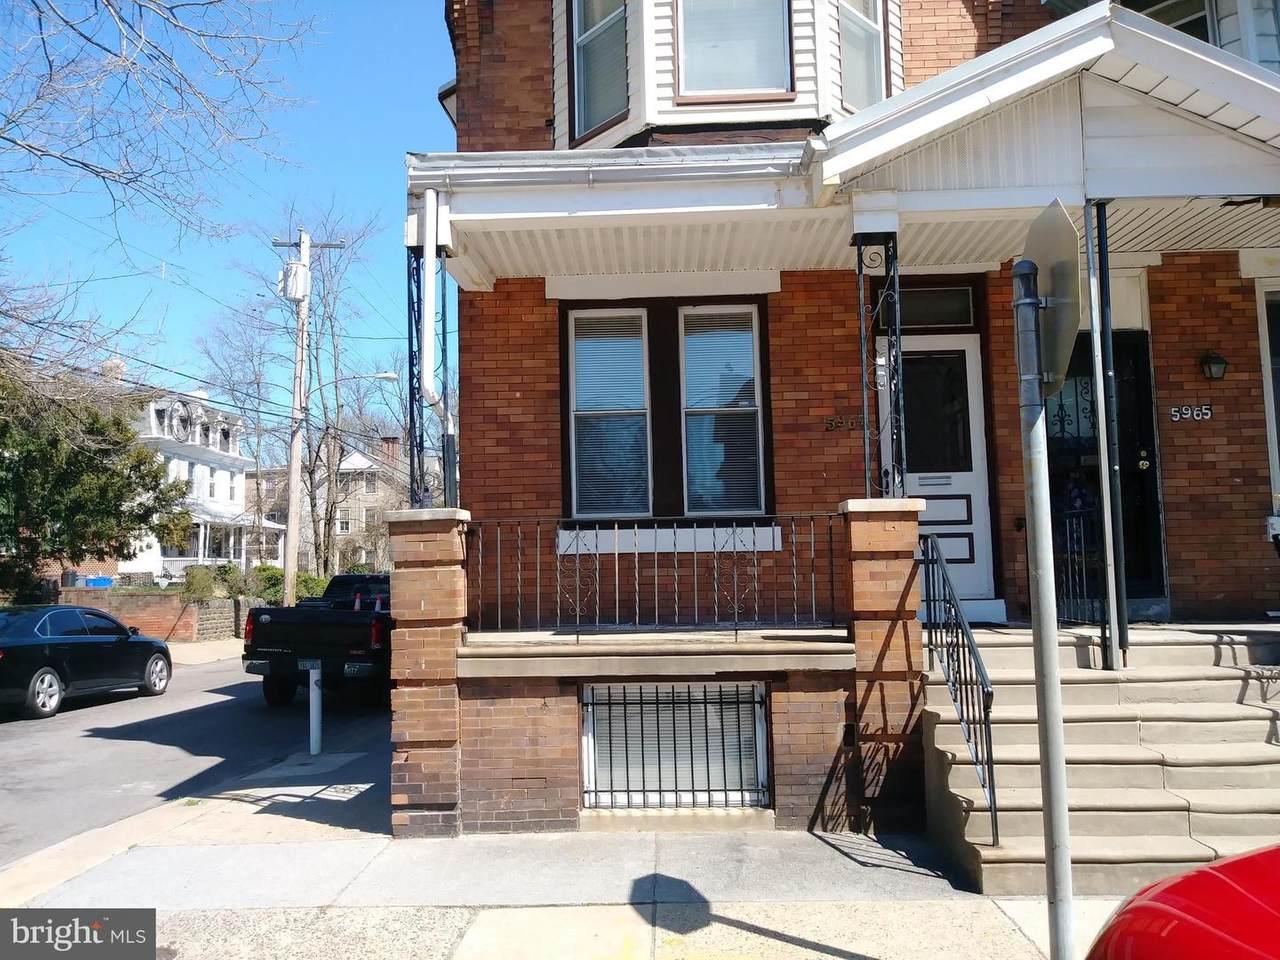 5967 Mccallum Street - Photo 1